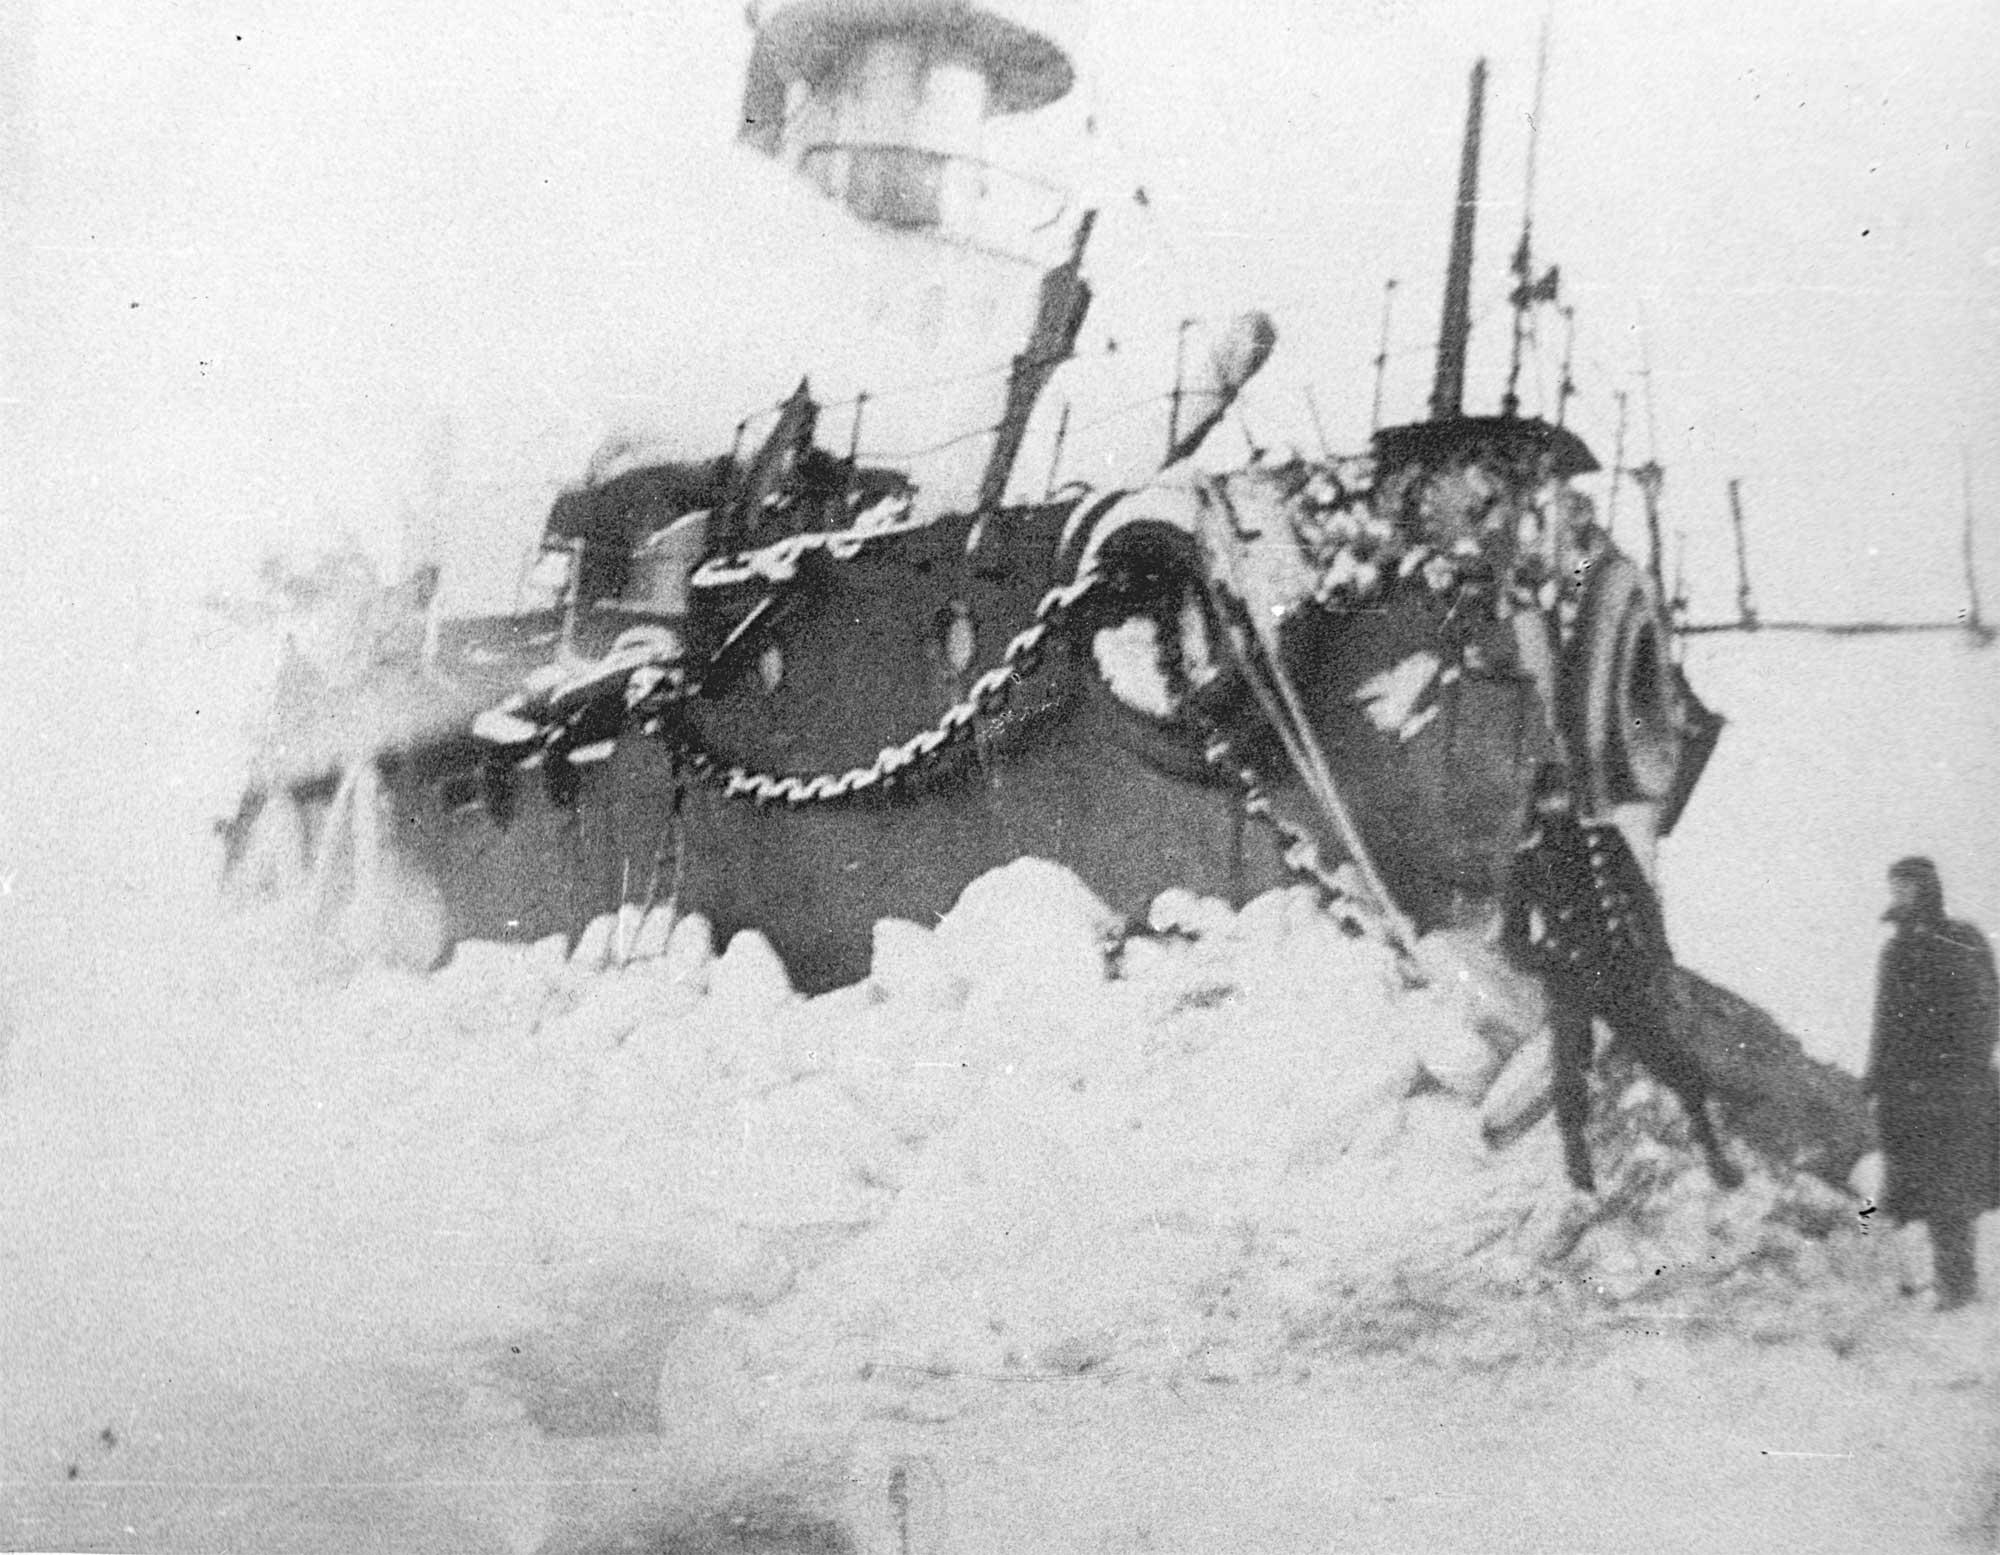 Броненосец береговой обороны «Генерал-адмирал Апраксин» на камнях у острова Гогланд 1899-1900 гг